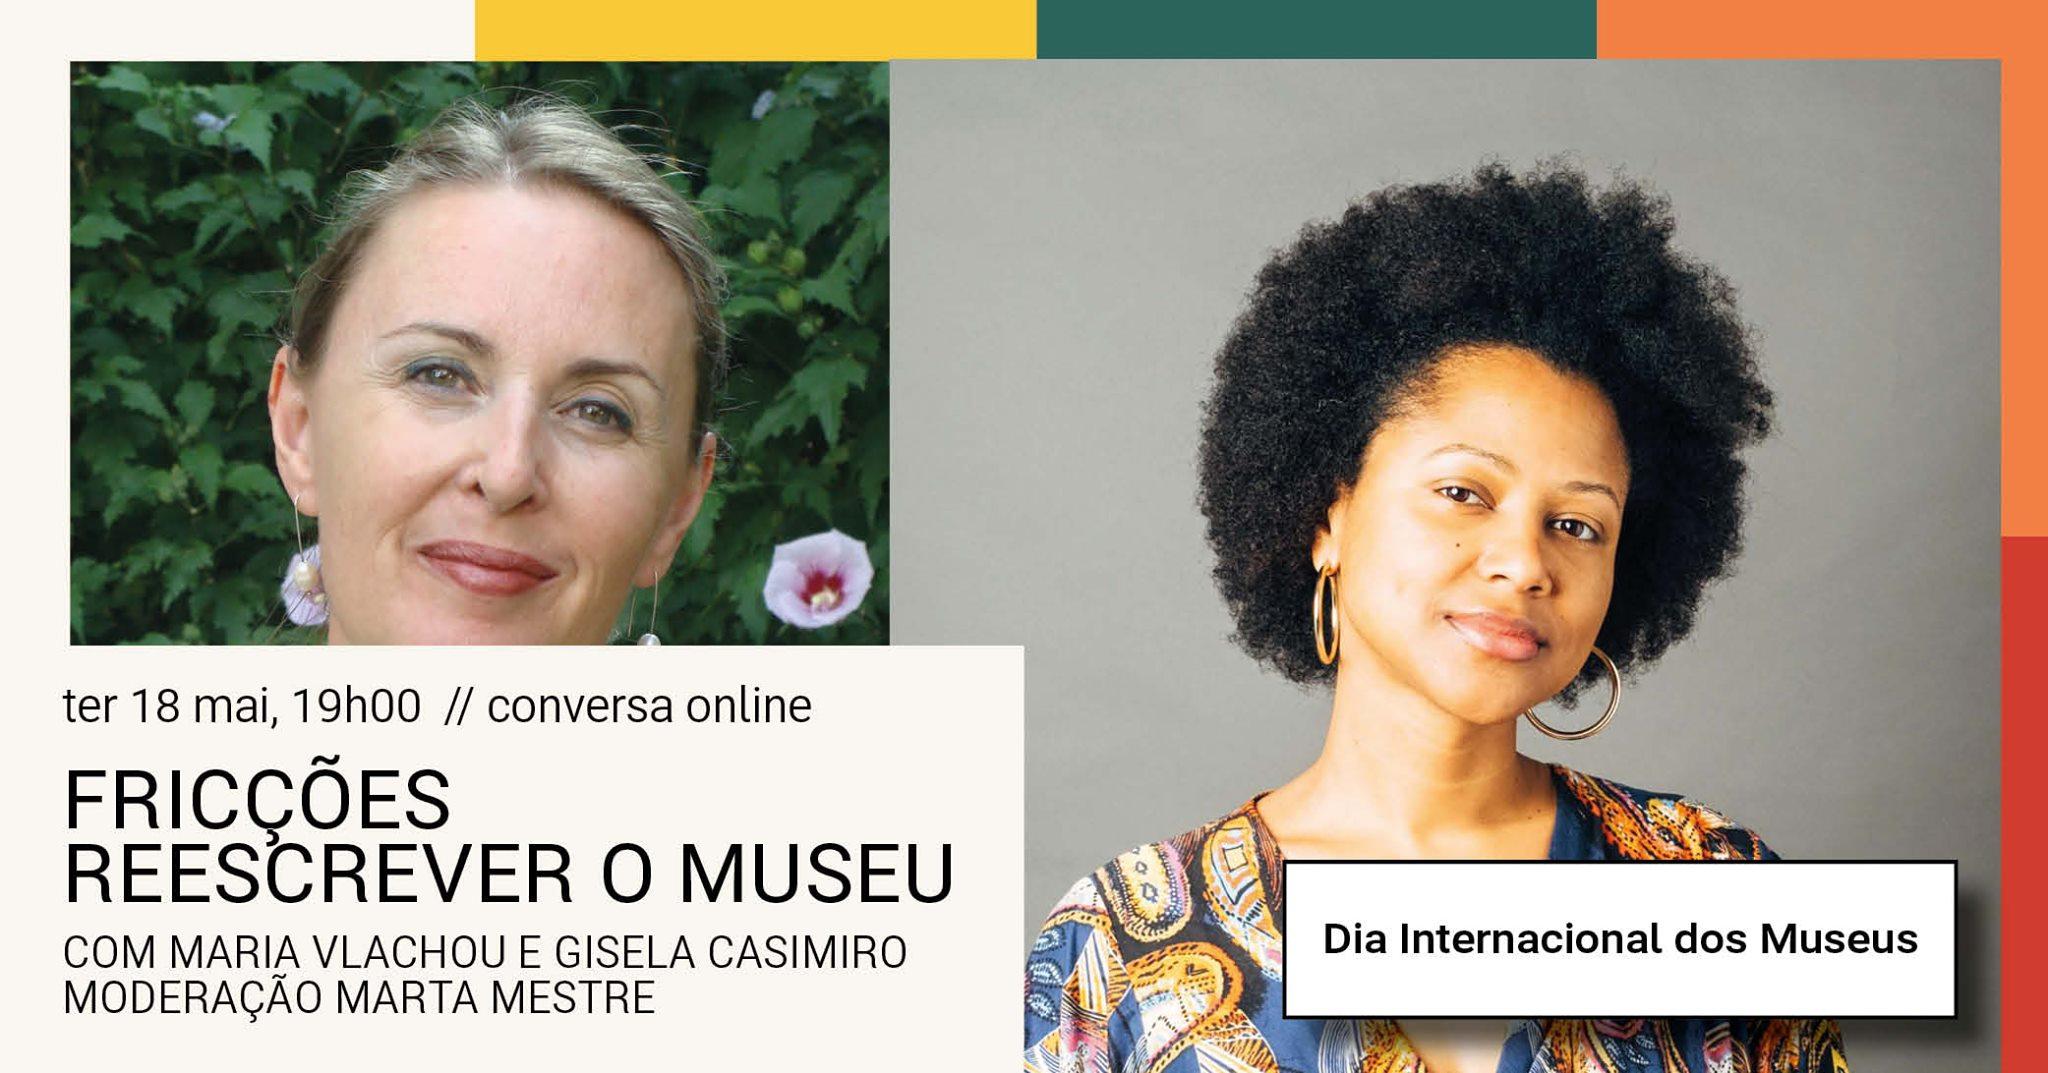 Conversa/ Reescrever o Museu. Com Gisela Casimiro e Maria Vlachou